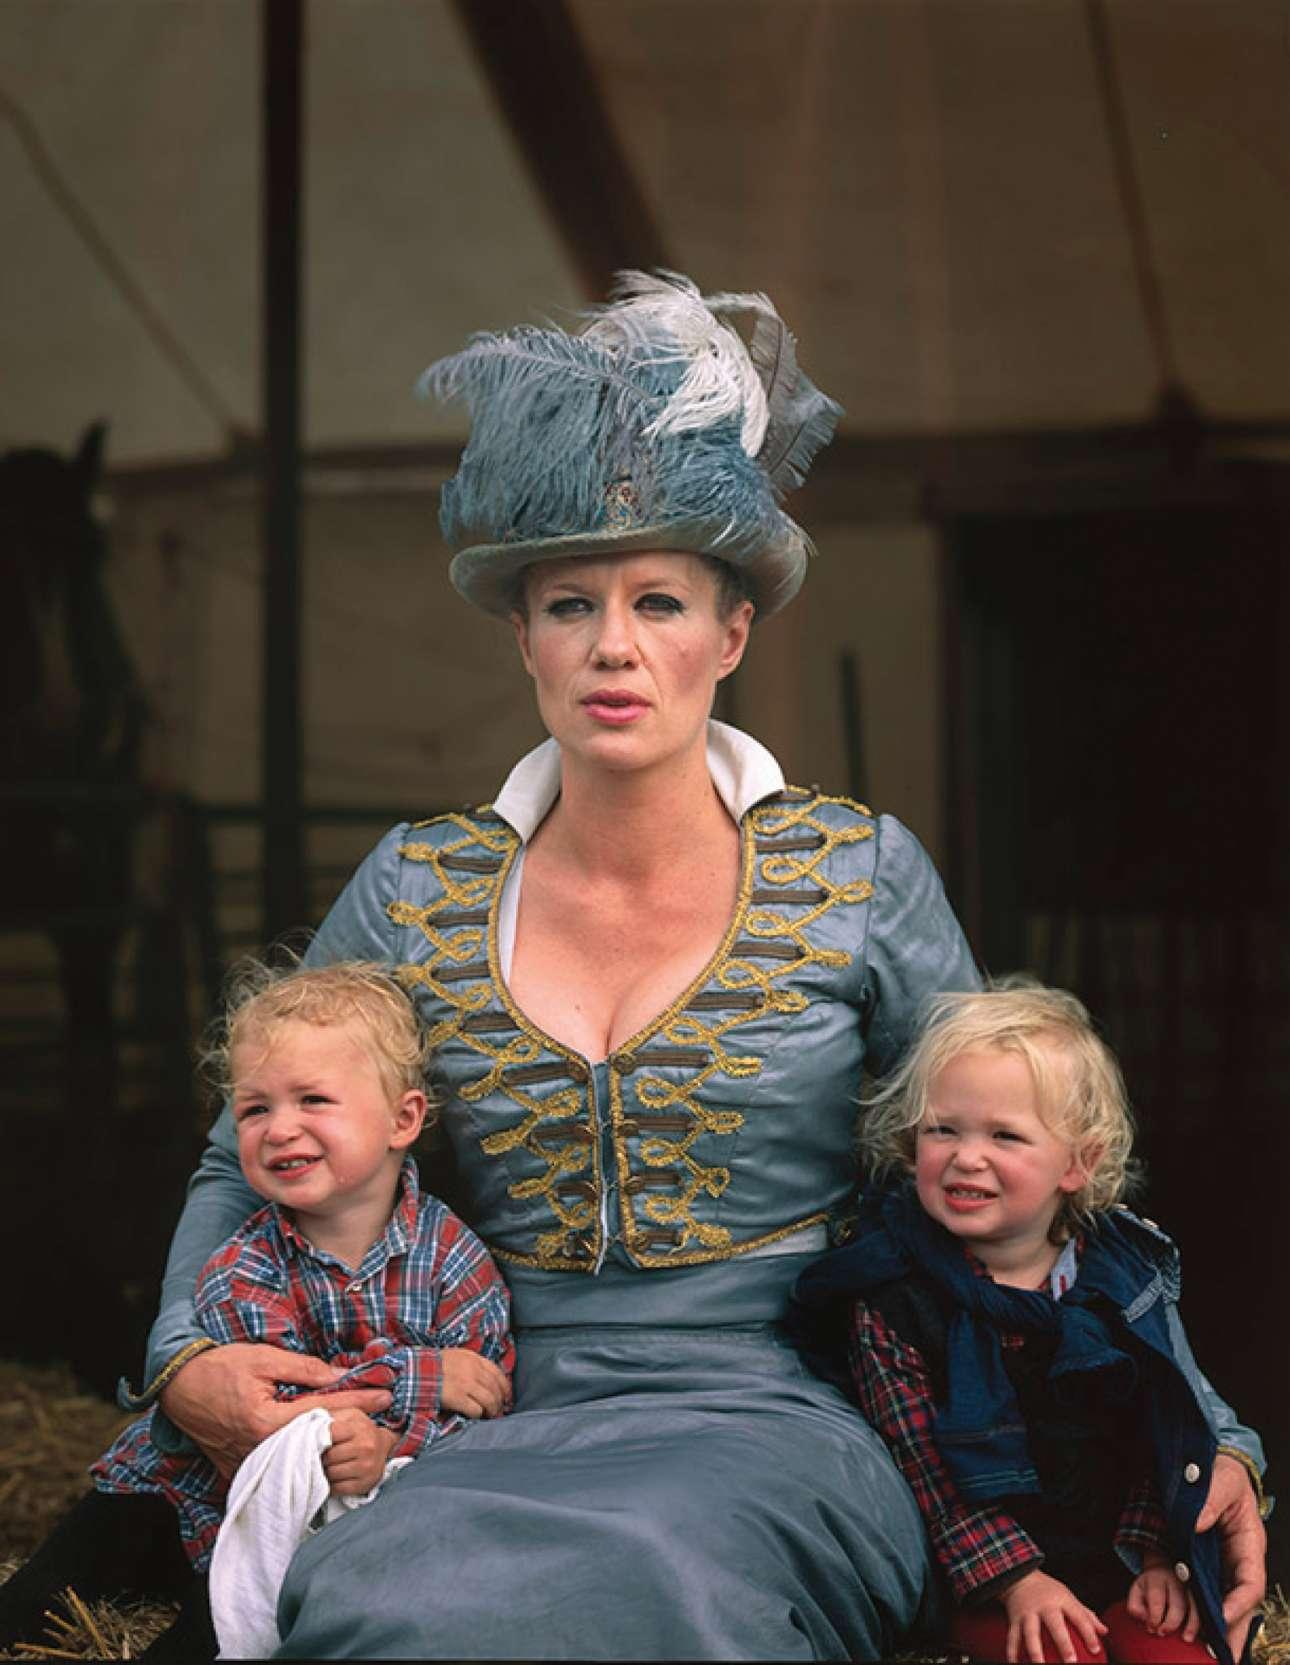 Η Νελ Γκίφορντ, ιδρύτρια του τσίρκου Γκίφορντ, ποζάρει με τα δύο παιδιά της αγκαλιά και... με εντυπωσιακή αμφίεση